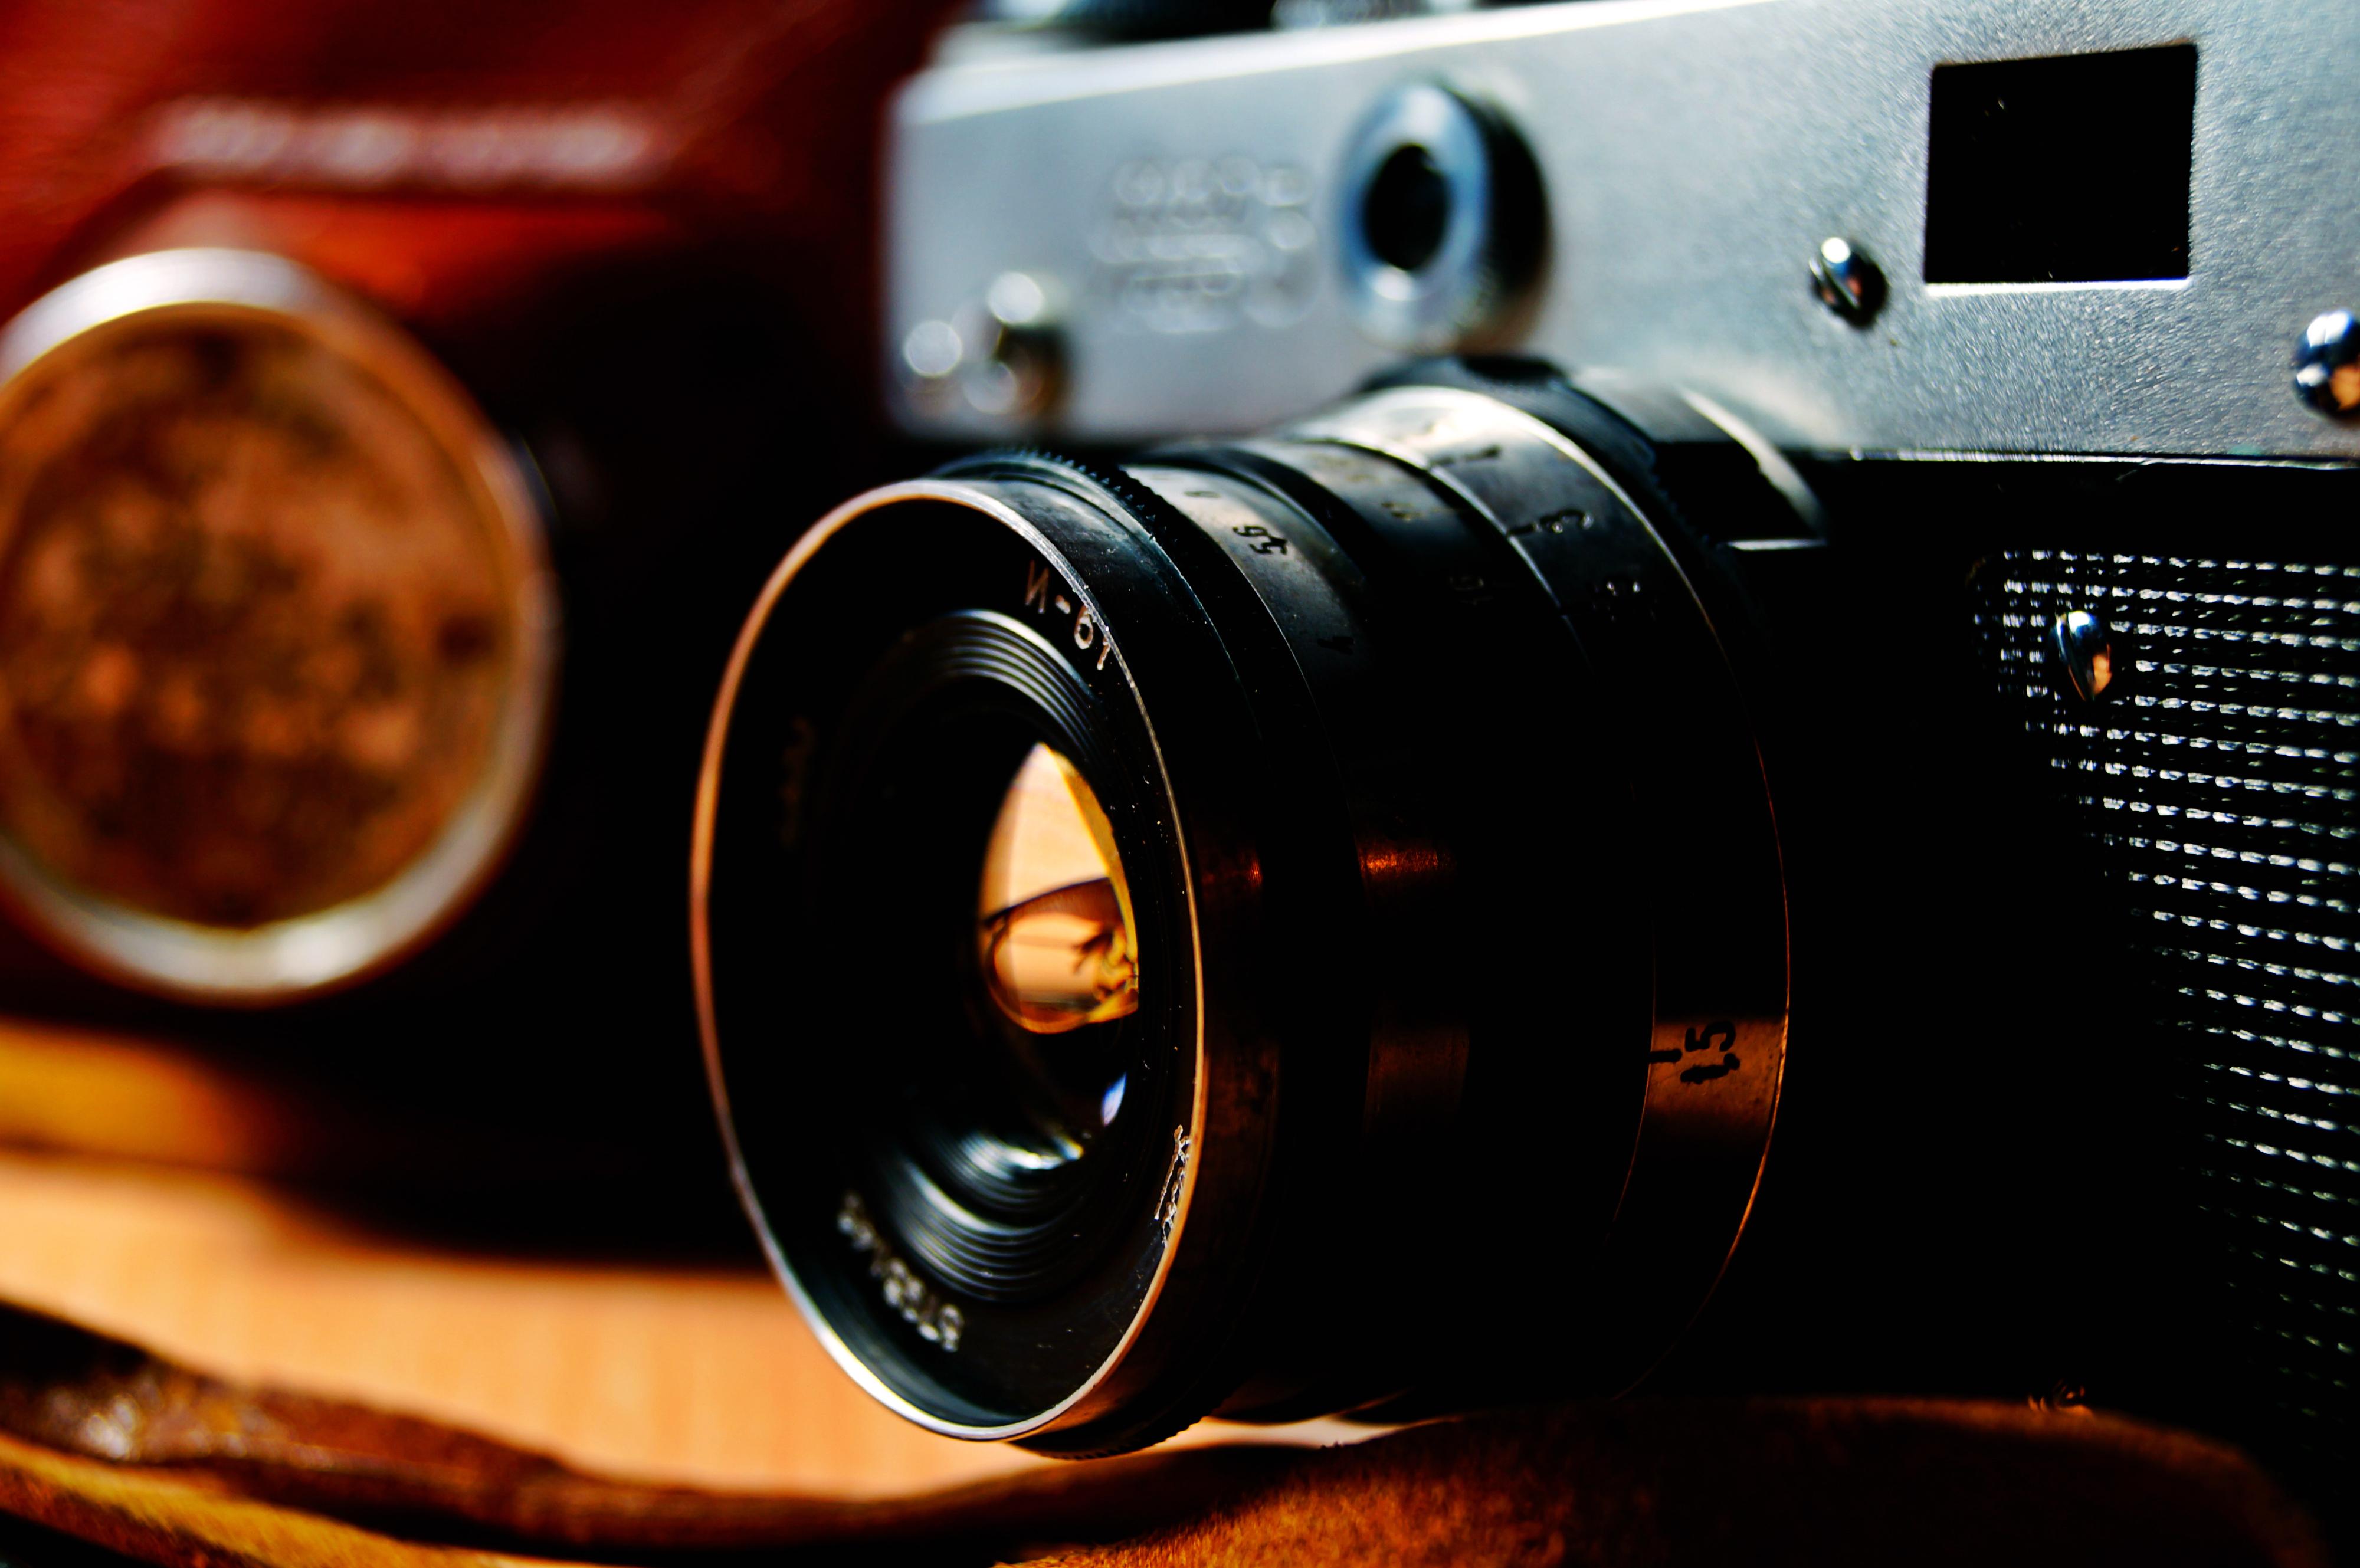 С найденного фотоаппарата 4 фотография